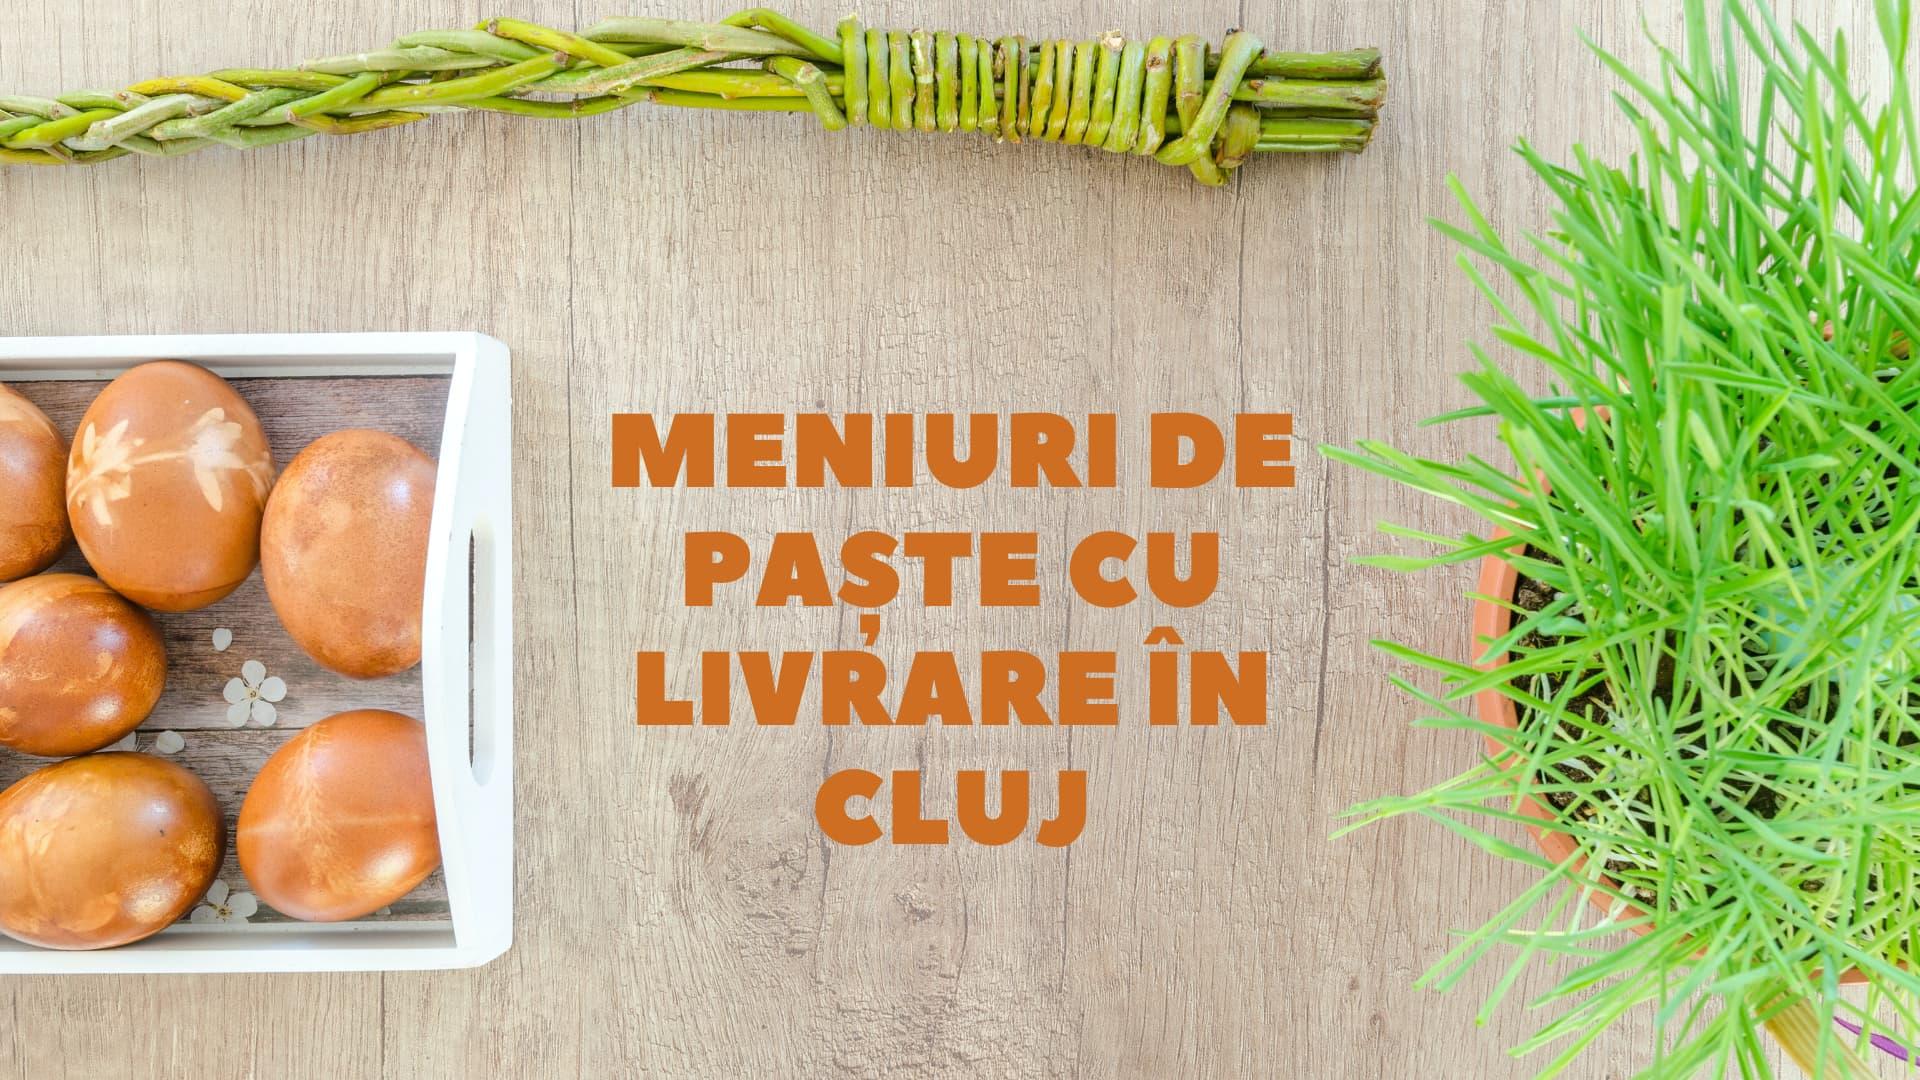 Meniuri speciale de Paște cu livrare în Cluj